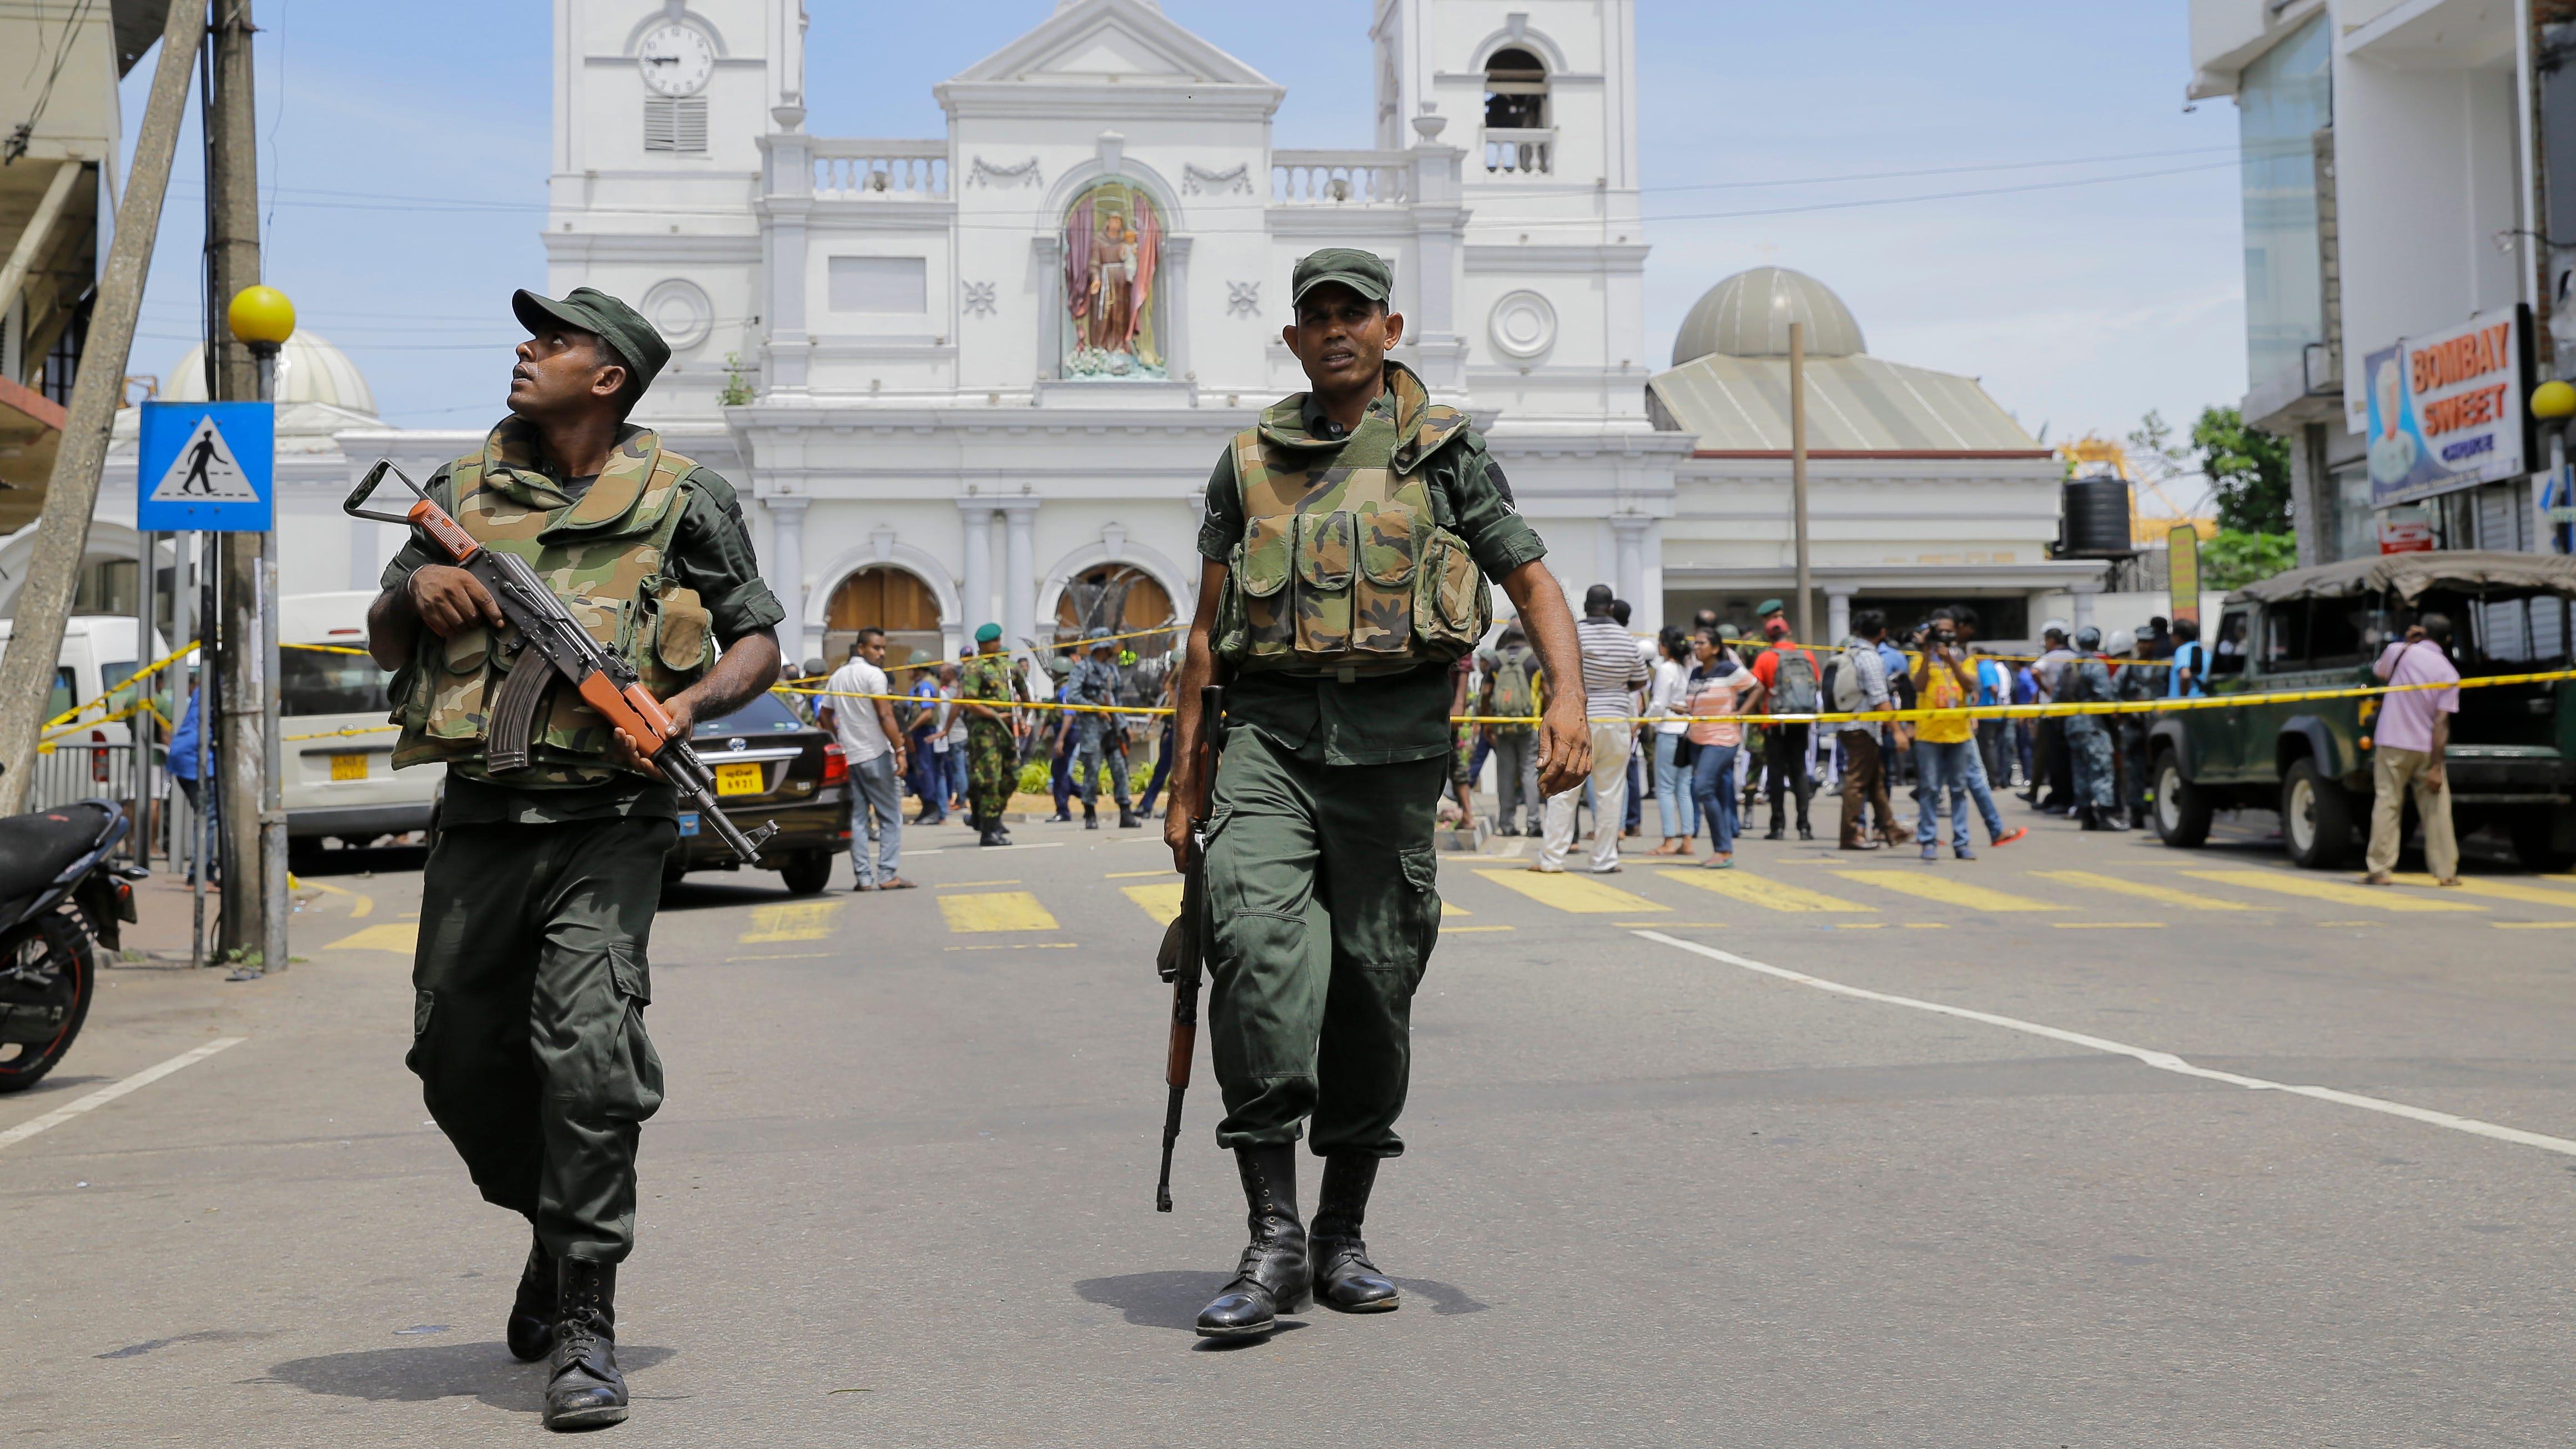 Jászvásári diákok rekedtek Srí Lankán a robbantások miatt, hazamenekítik őket